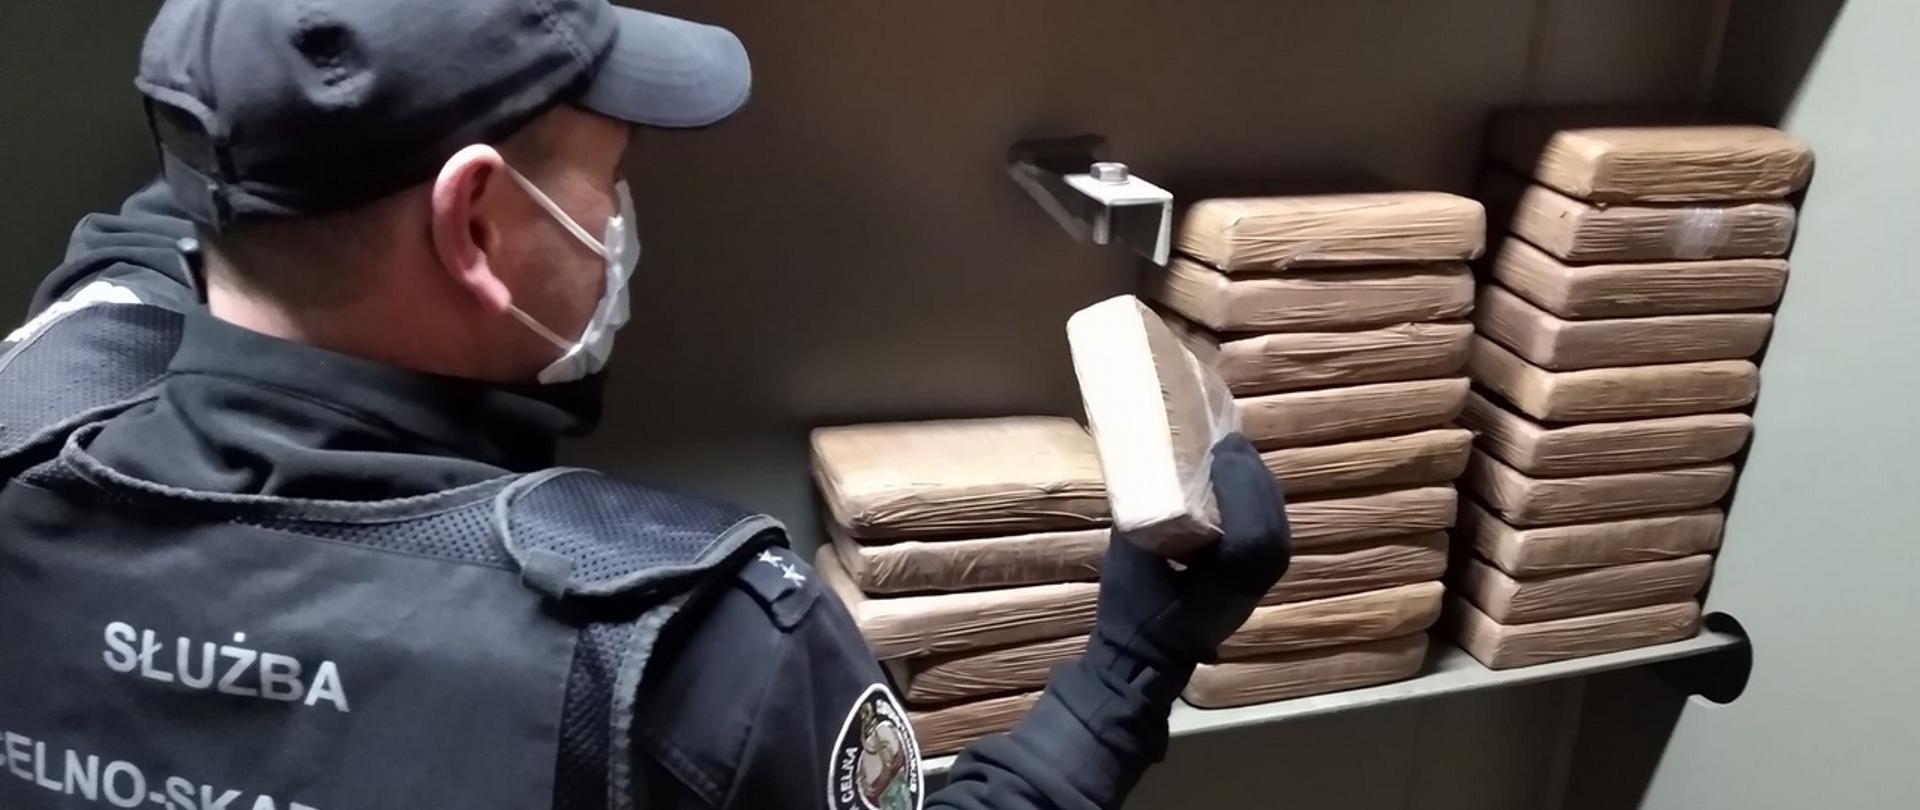 Польские спецслужбы задержали кокаина на 25 млн злотых